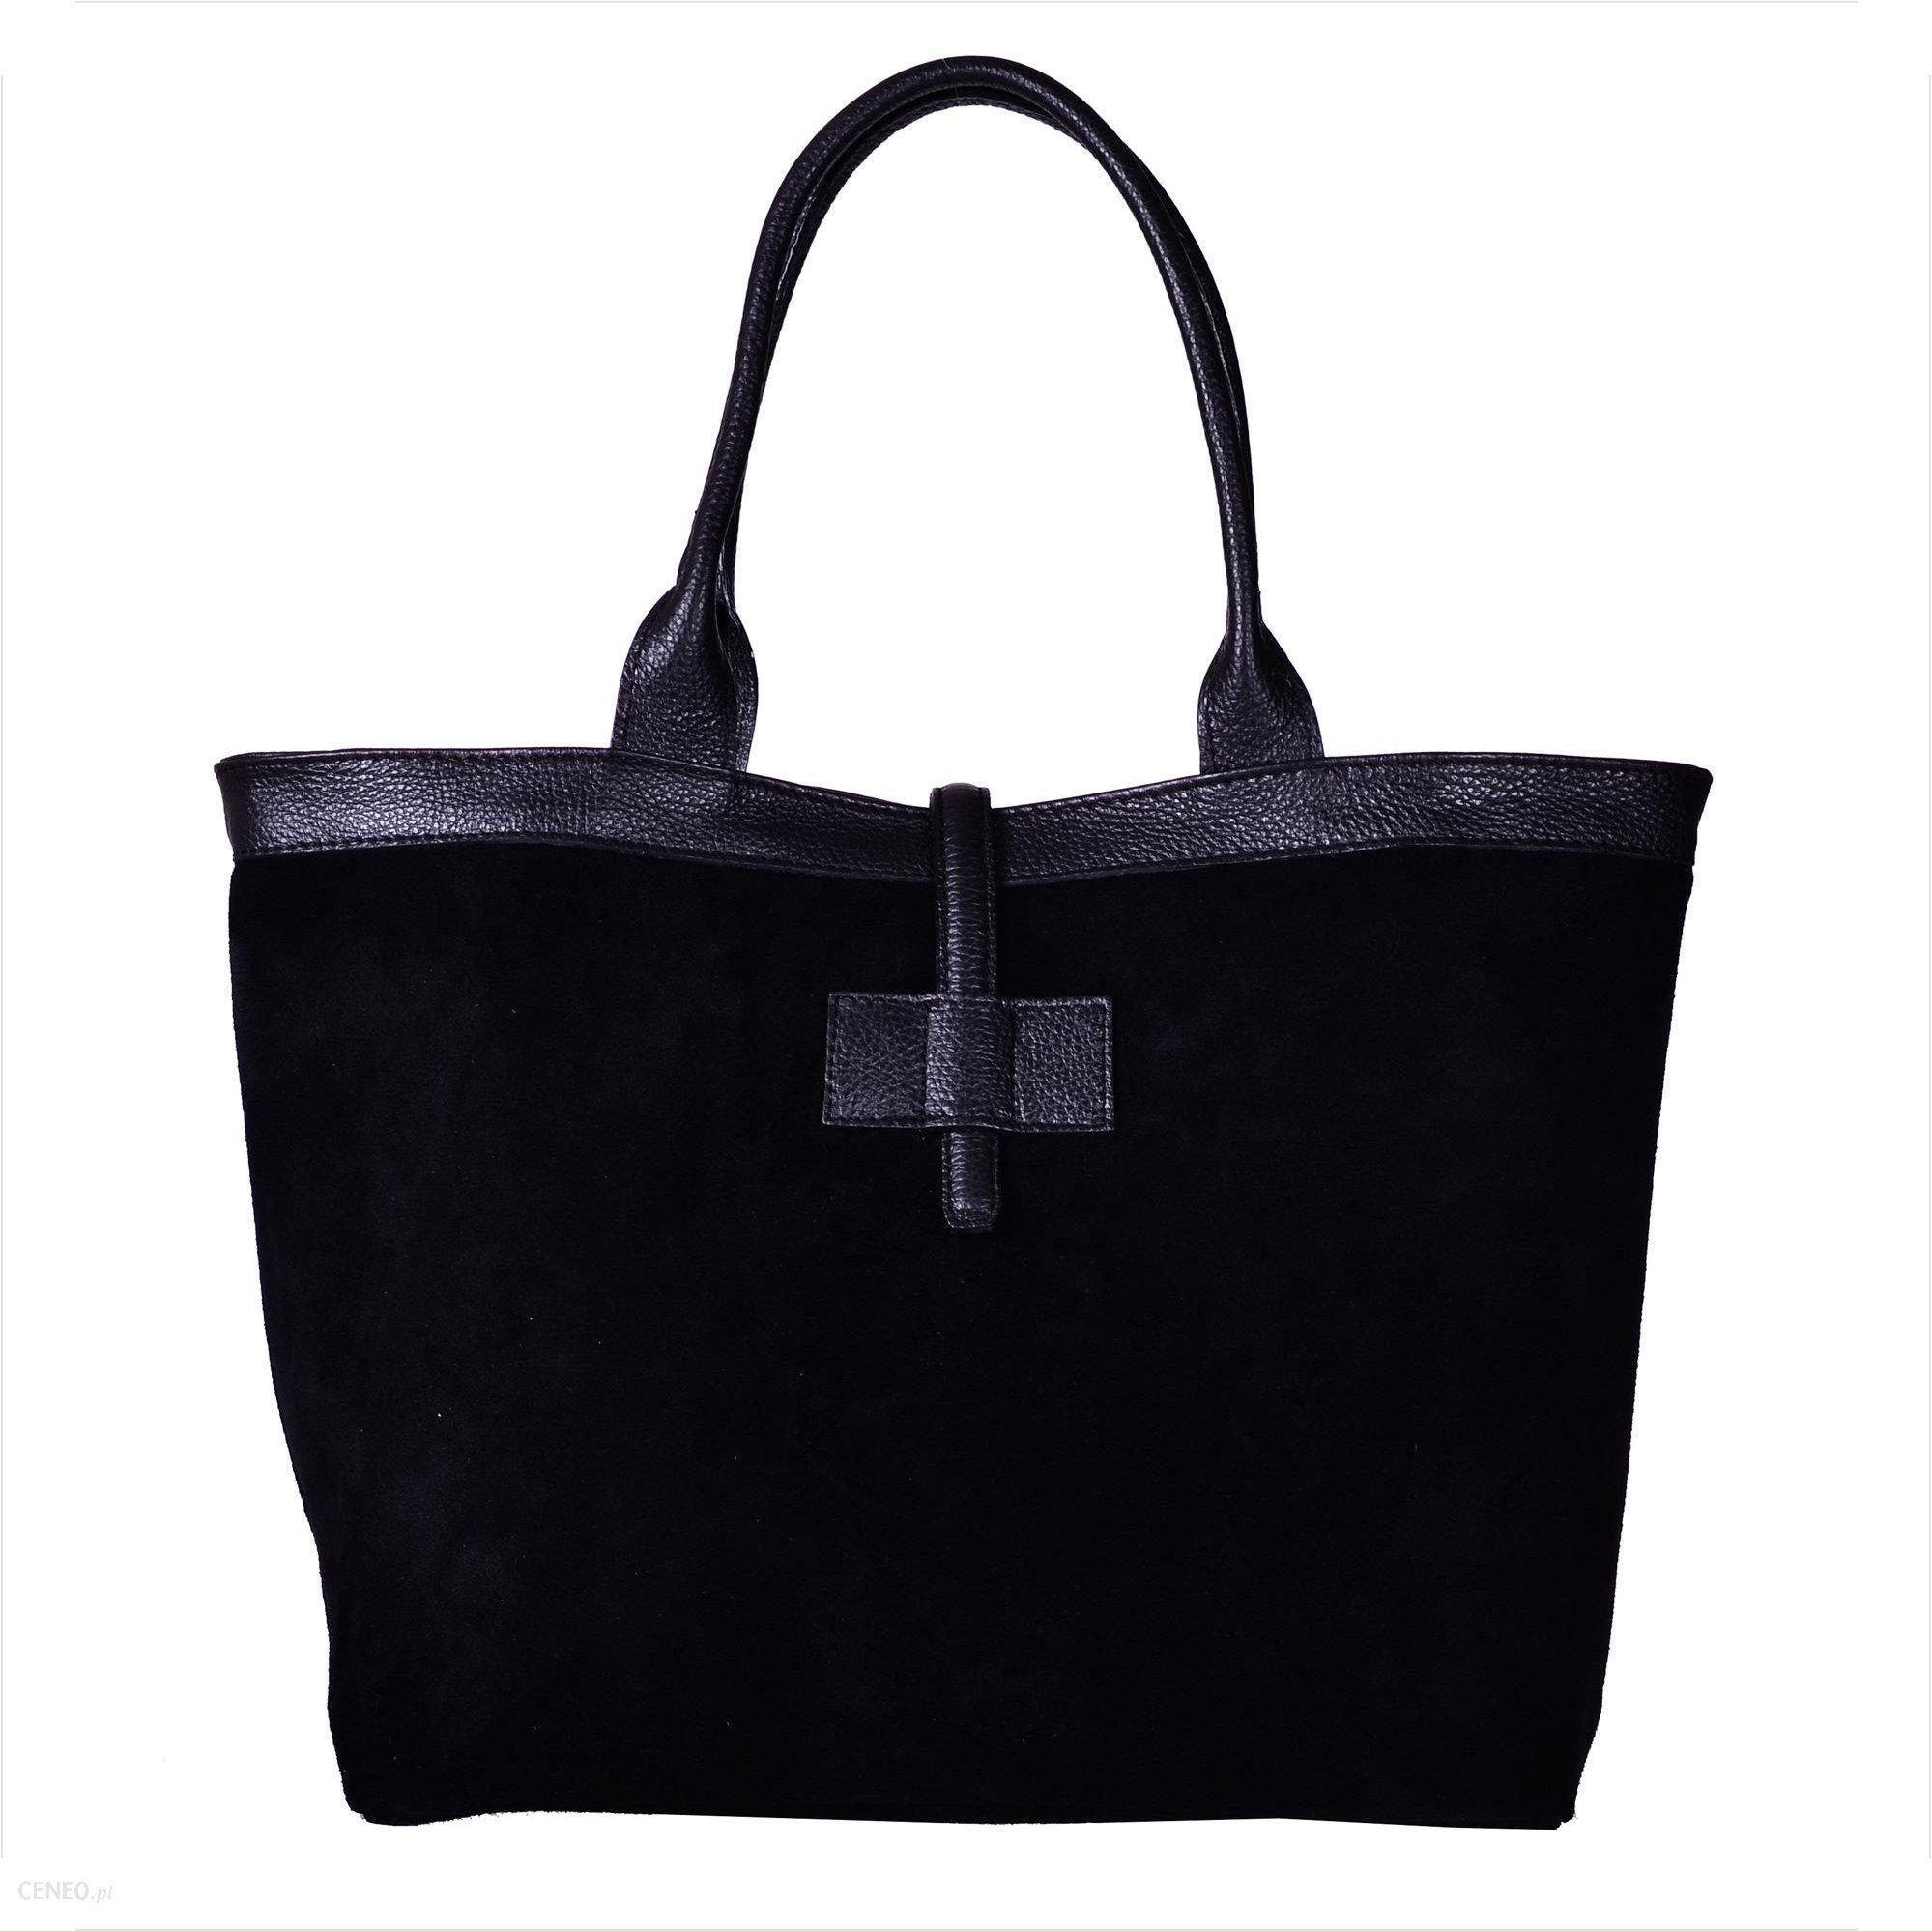 59bf68e6992aa Nowy wzór torebka zamszowa shopper bag czarna - Ceny i opinie - Ceneo.pl